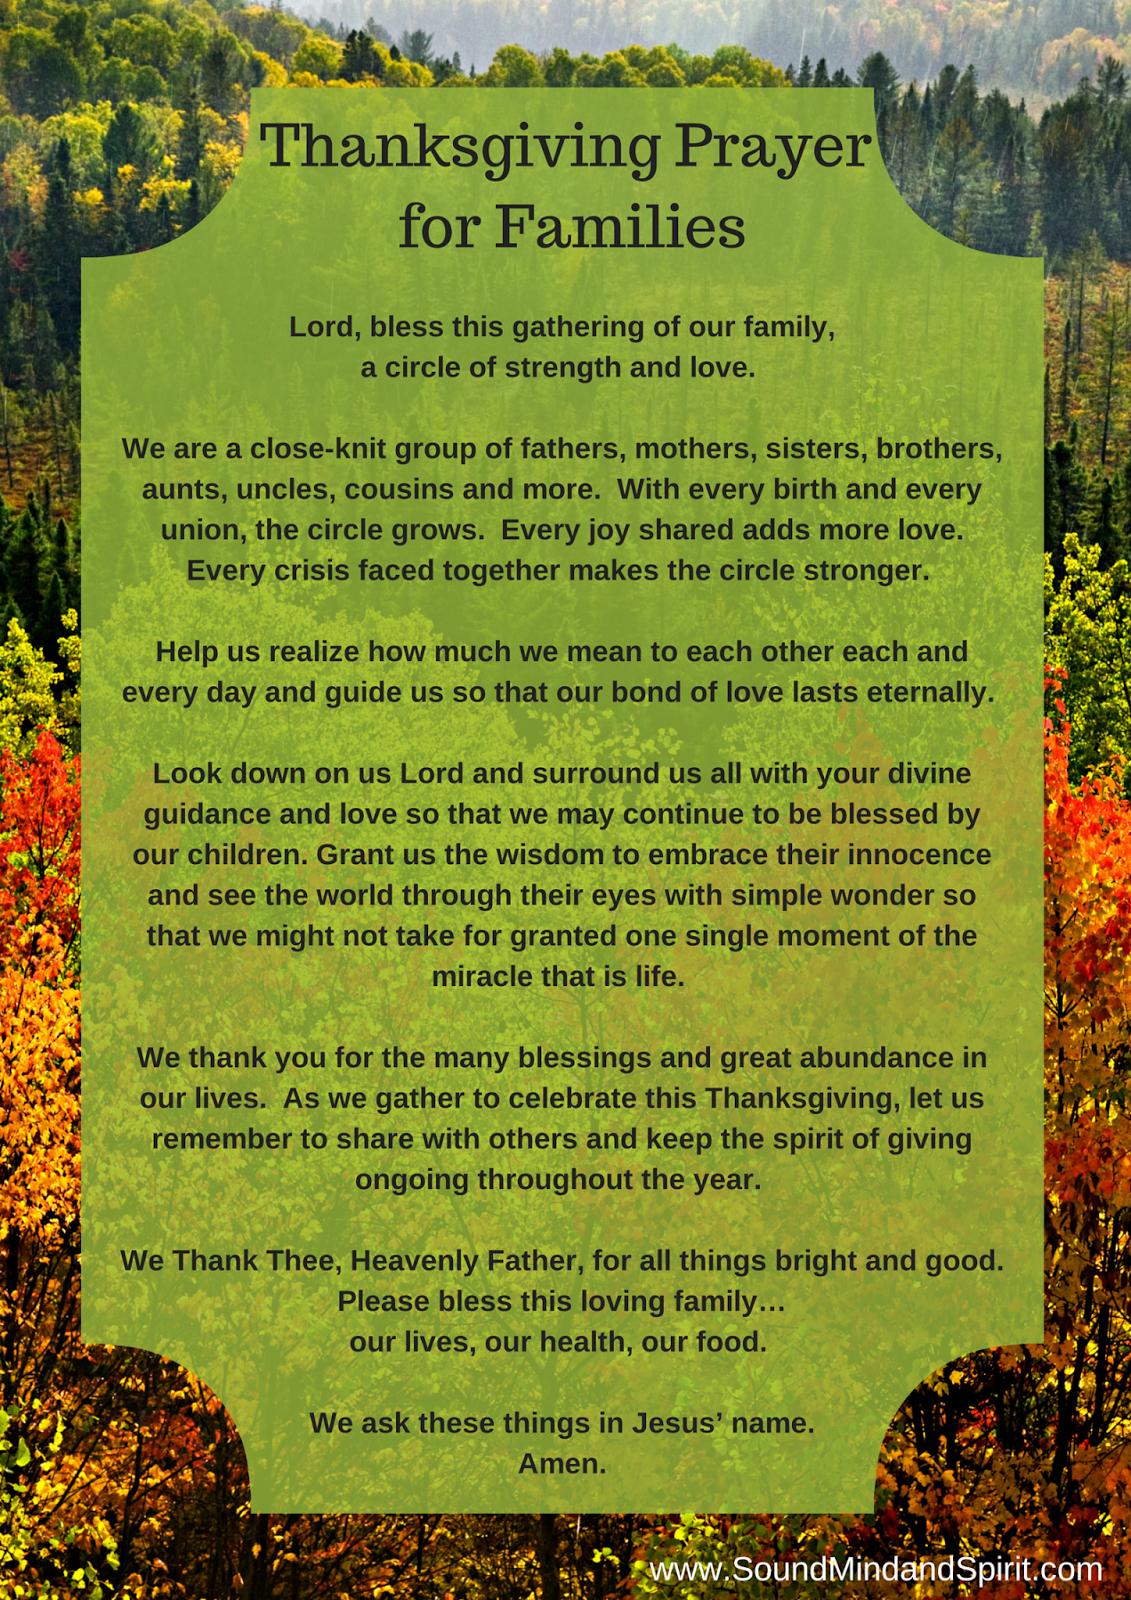 Blessings of Thanksgiving Thanksgiving Prayer for Family